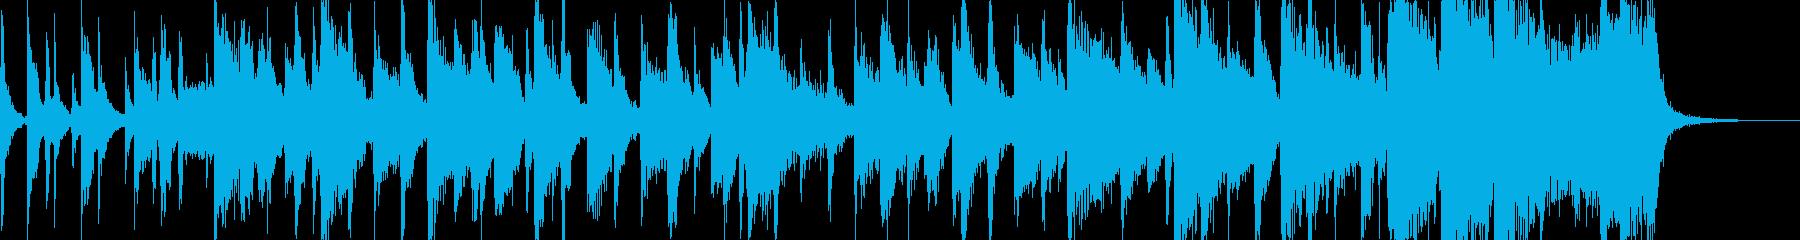 スタイリッシュな情報系番組サウンドロゴの再生済みの波形